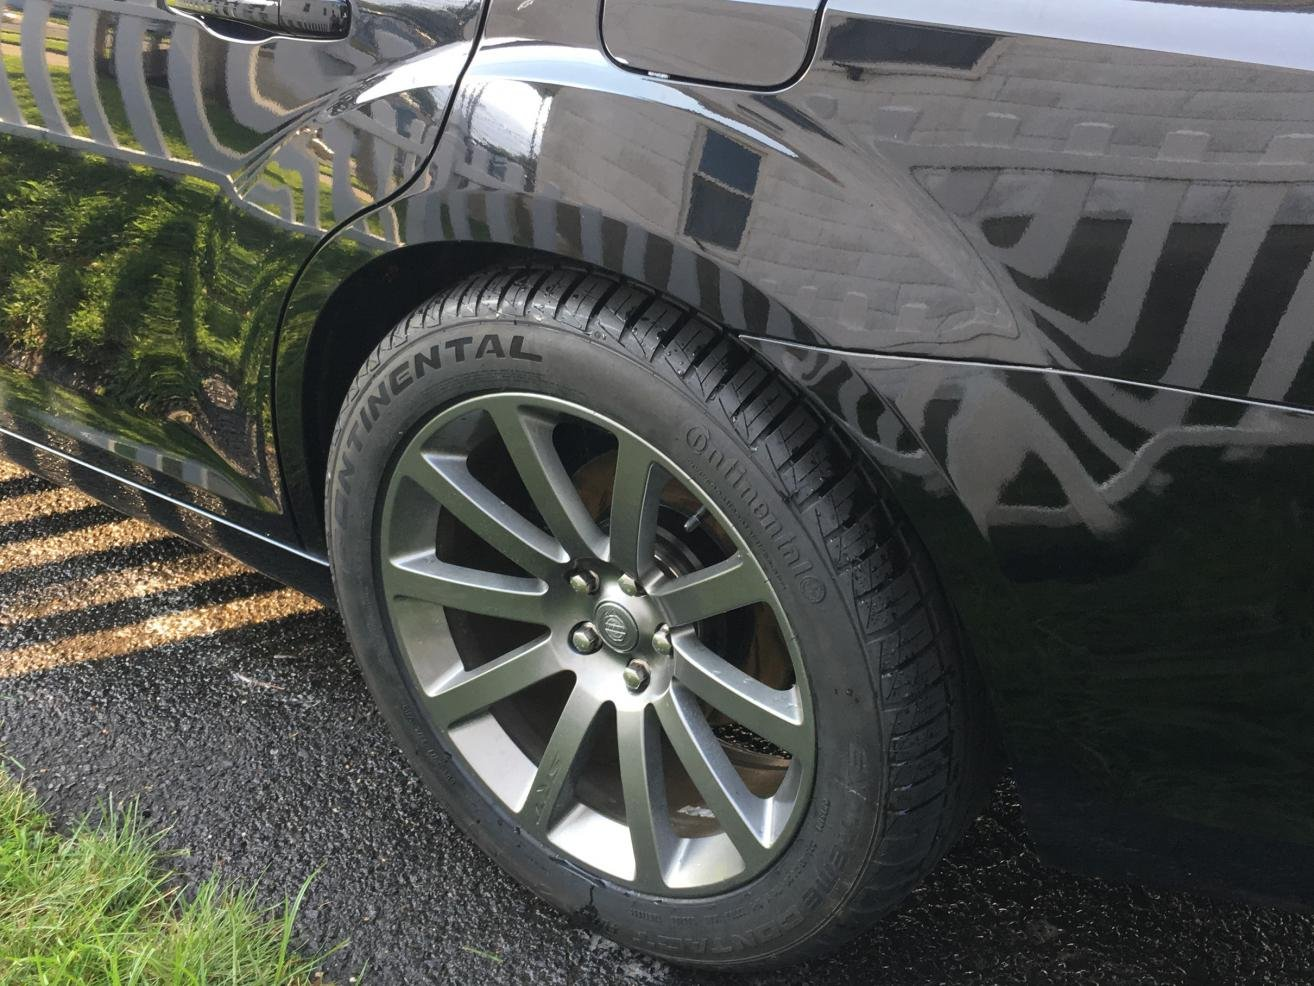 Wtt Srt 10 Spoke Wheels Tires 4 Goodyear 245 45 20